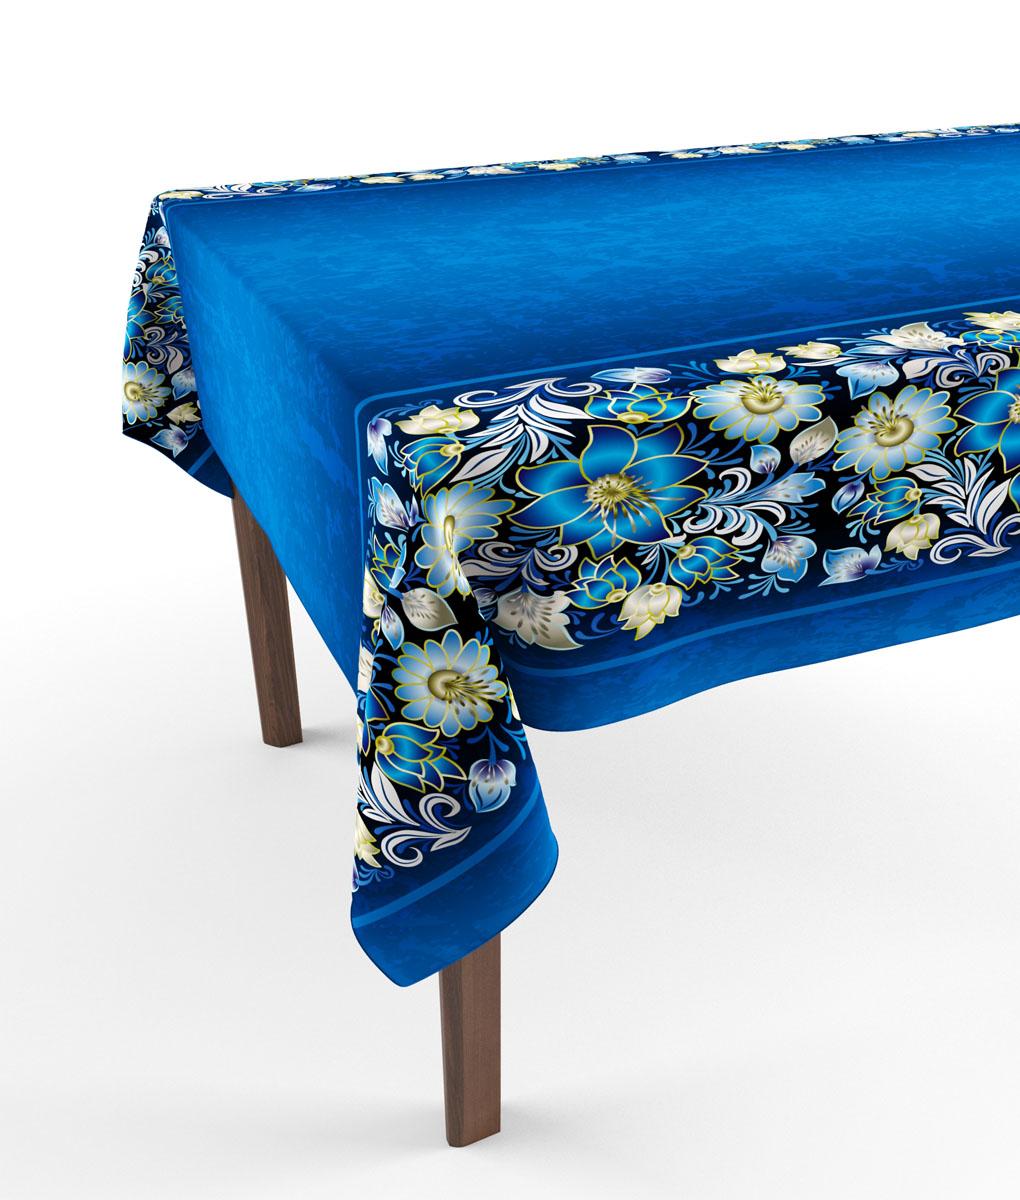 Скатерть Сирень Синие цветы, прямоугольная, 145 x 120 см00472-СК-ГБ-003Прямоугольная скатерть Сирень Синие цветы с ярким и объемным рисунком, выполненная из габардина, преобразит вашу кухню, визуально расширит пространство, создаст атмосферу радости и комфорта. Рекомендации по уходу: стирка при 30 градусах, гладить при температуре до 110 градусов.Размер скатерти: 145 х 120 см. Изображение может немного отличаться от реального.